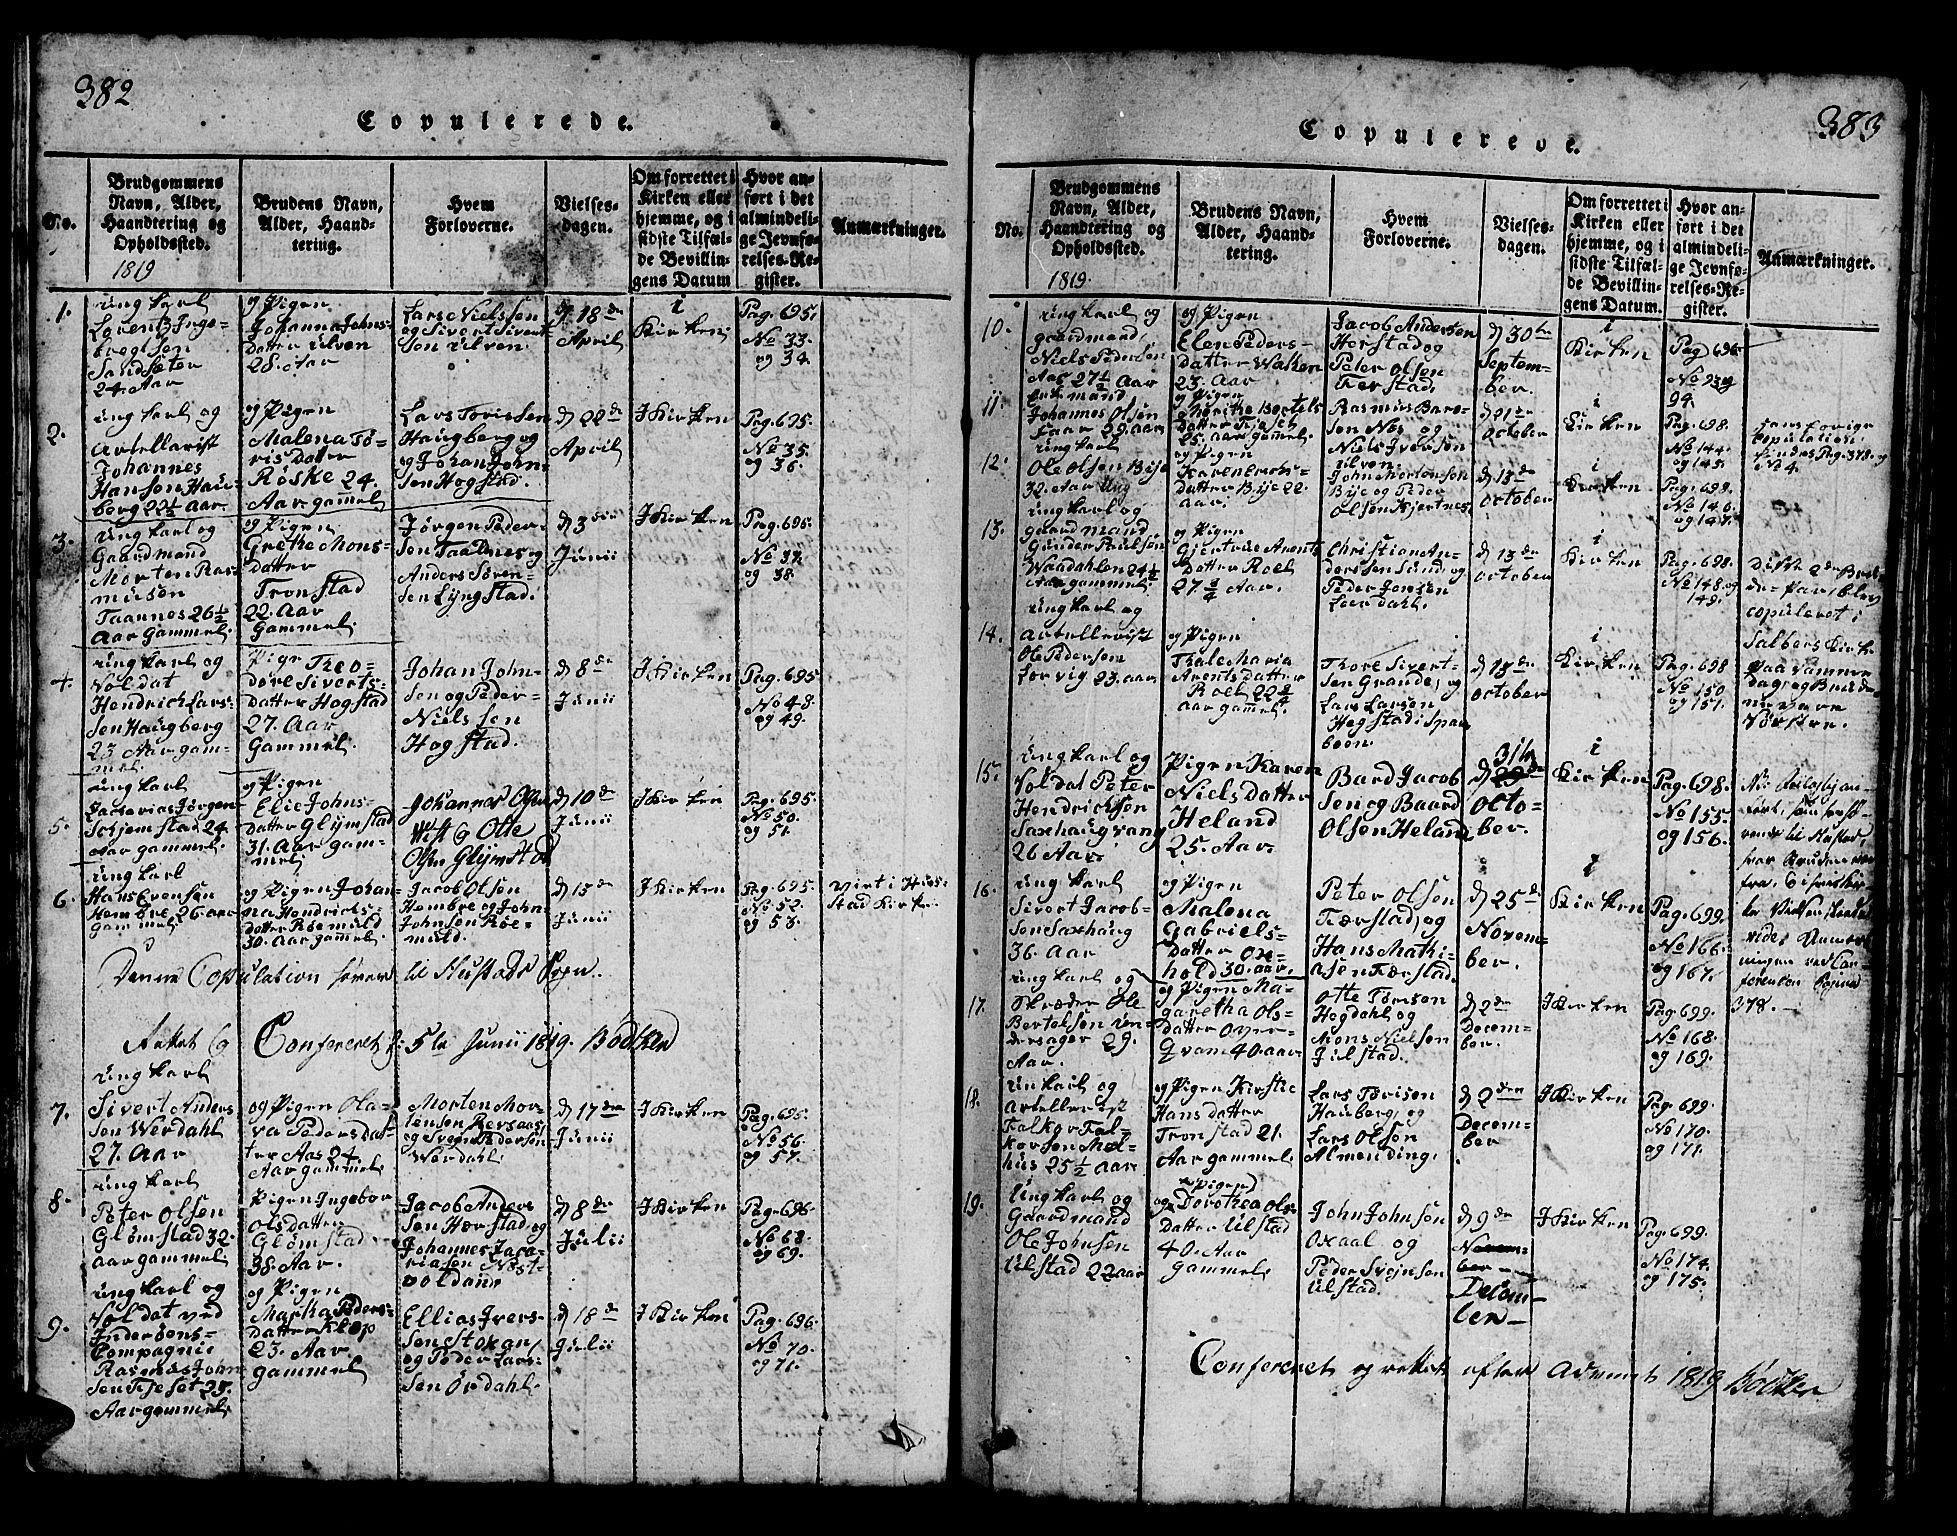 SAT, Ministerialprotokoller, klokkerbøker og fødselsregistre - Nord-Trøndelag, 730/L0298: Klokkerbok nr. 730C01, 1816-1849, s. 382-383